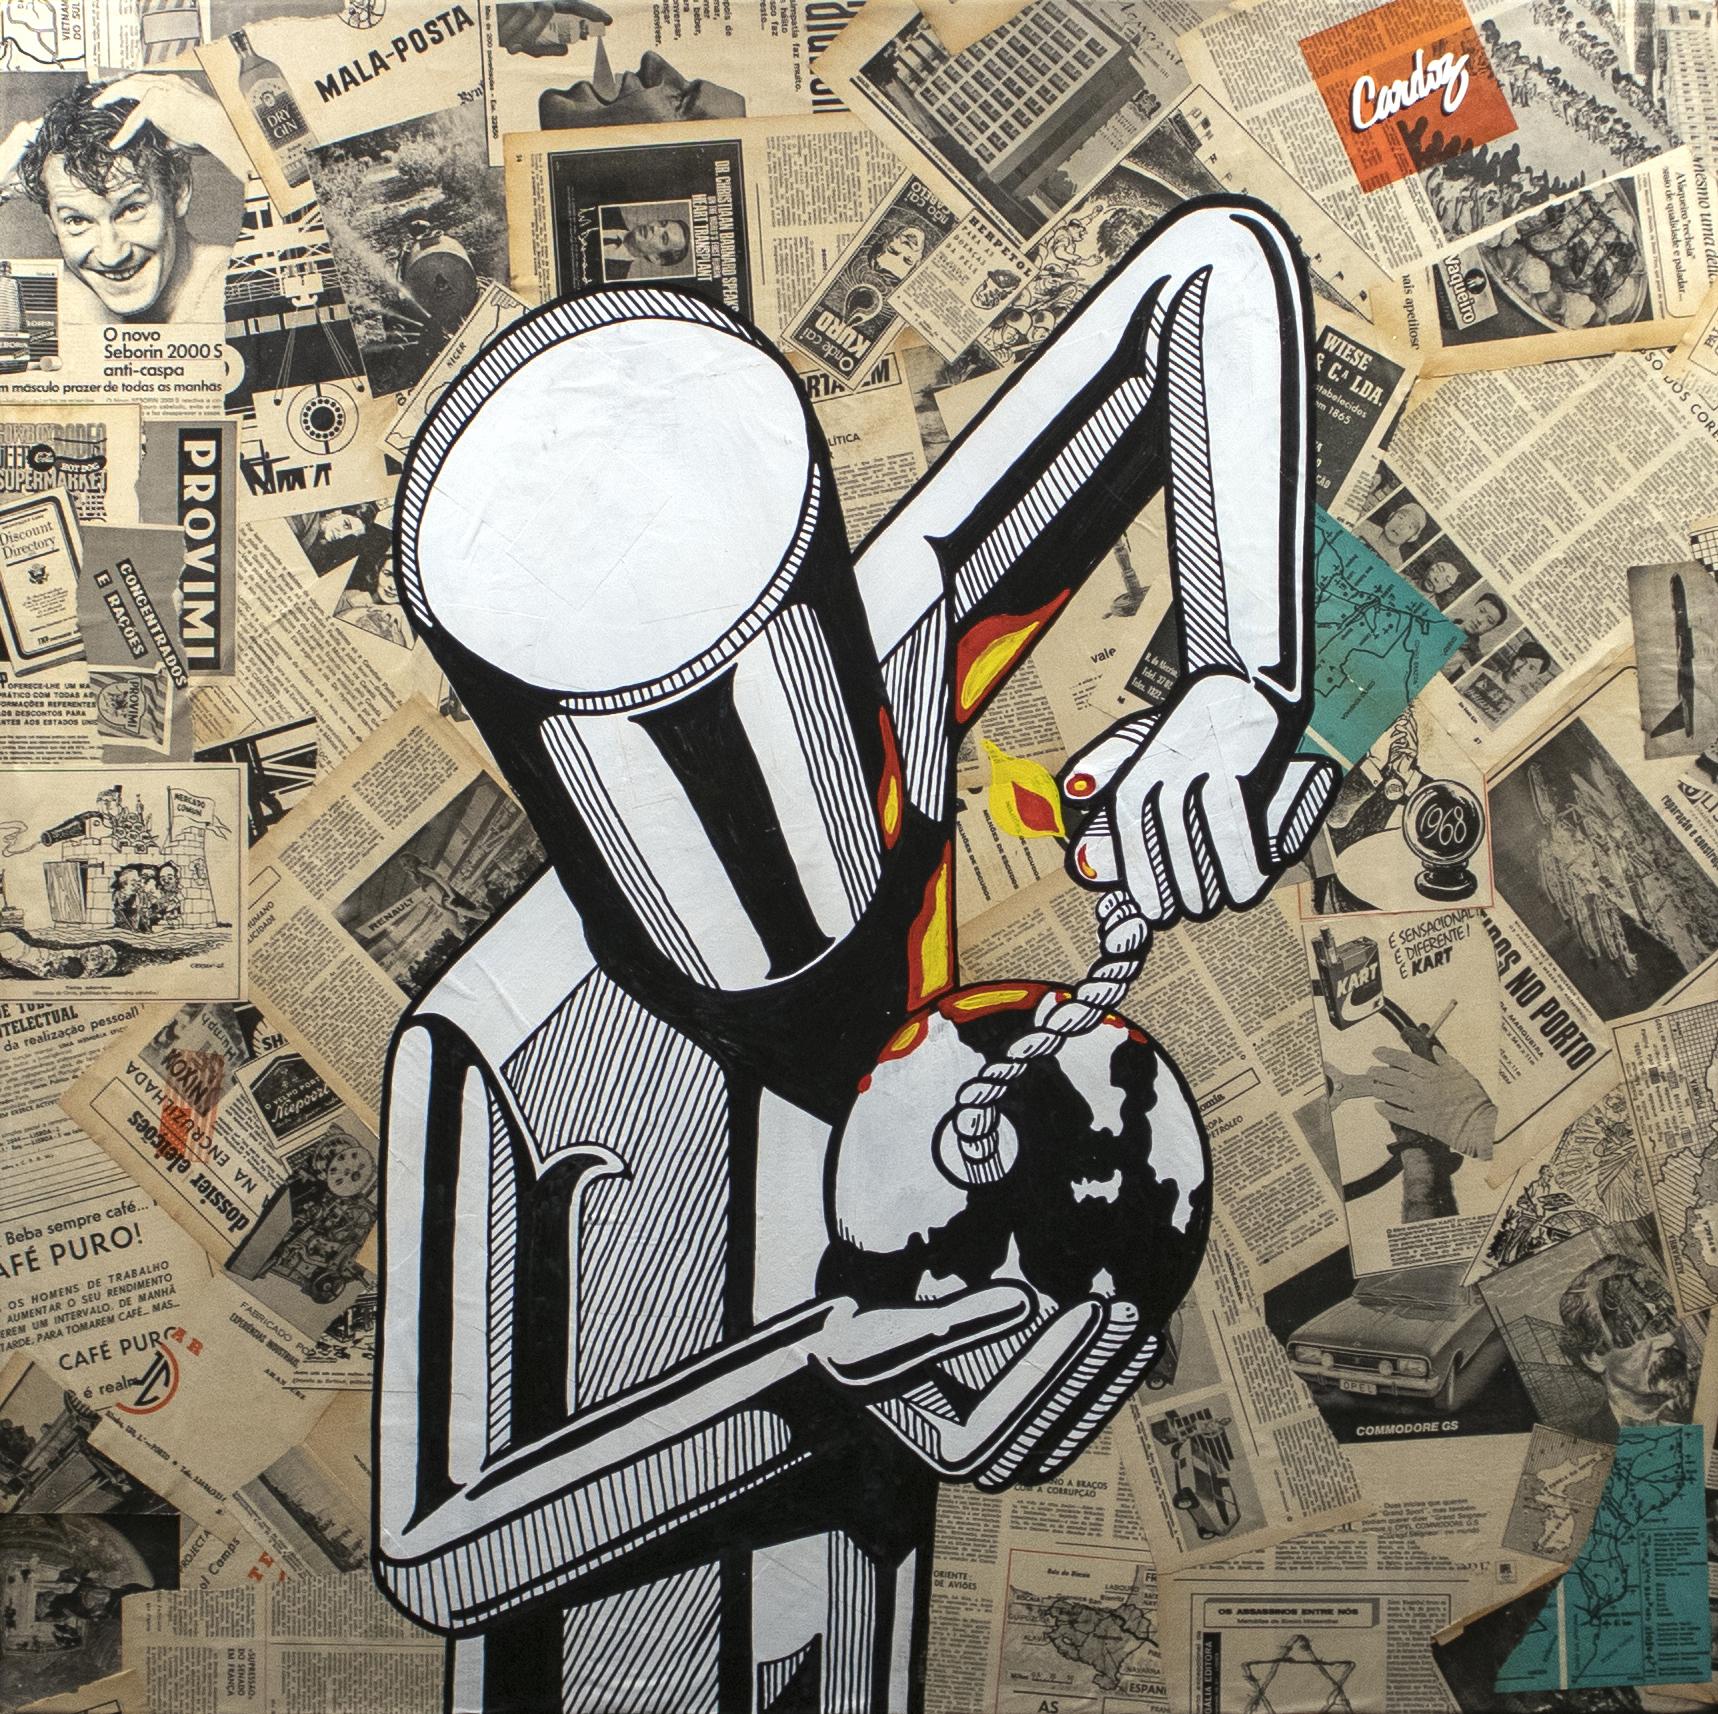 Industrial Behaviour, 2019 Mixed technique - Collage + Illustration (Acrylic paint, Posca pen) 100 x 100 x 4,5 cm